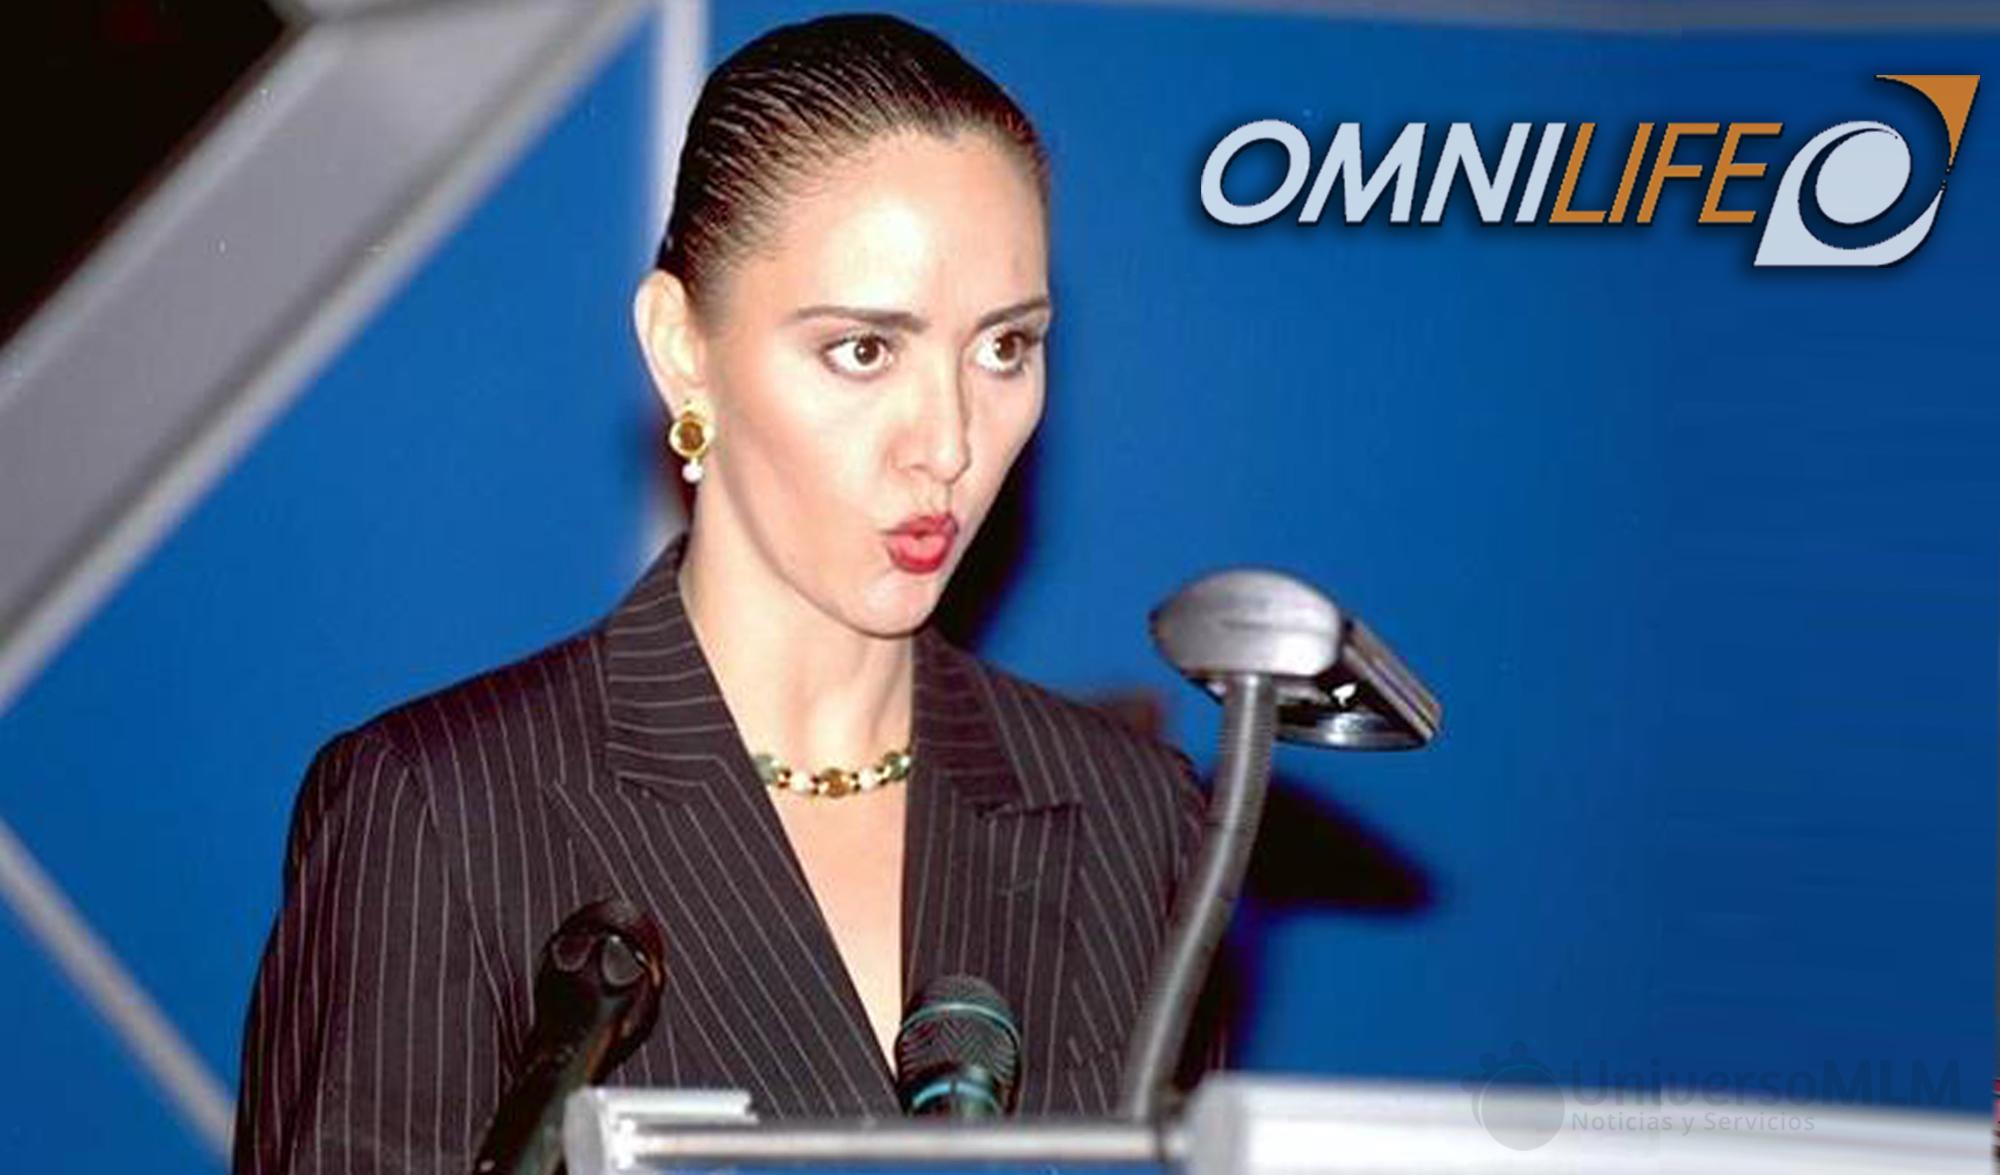 omnilife-angelica-vuelve-presidencia